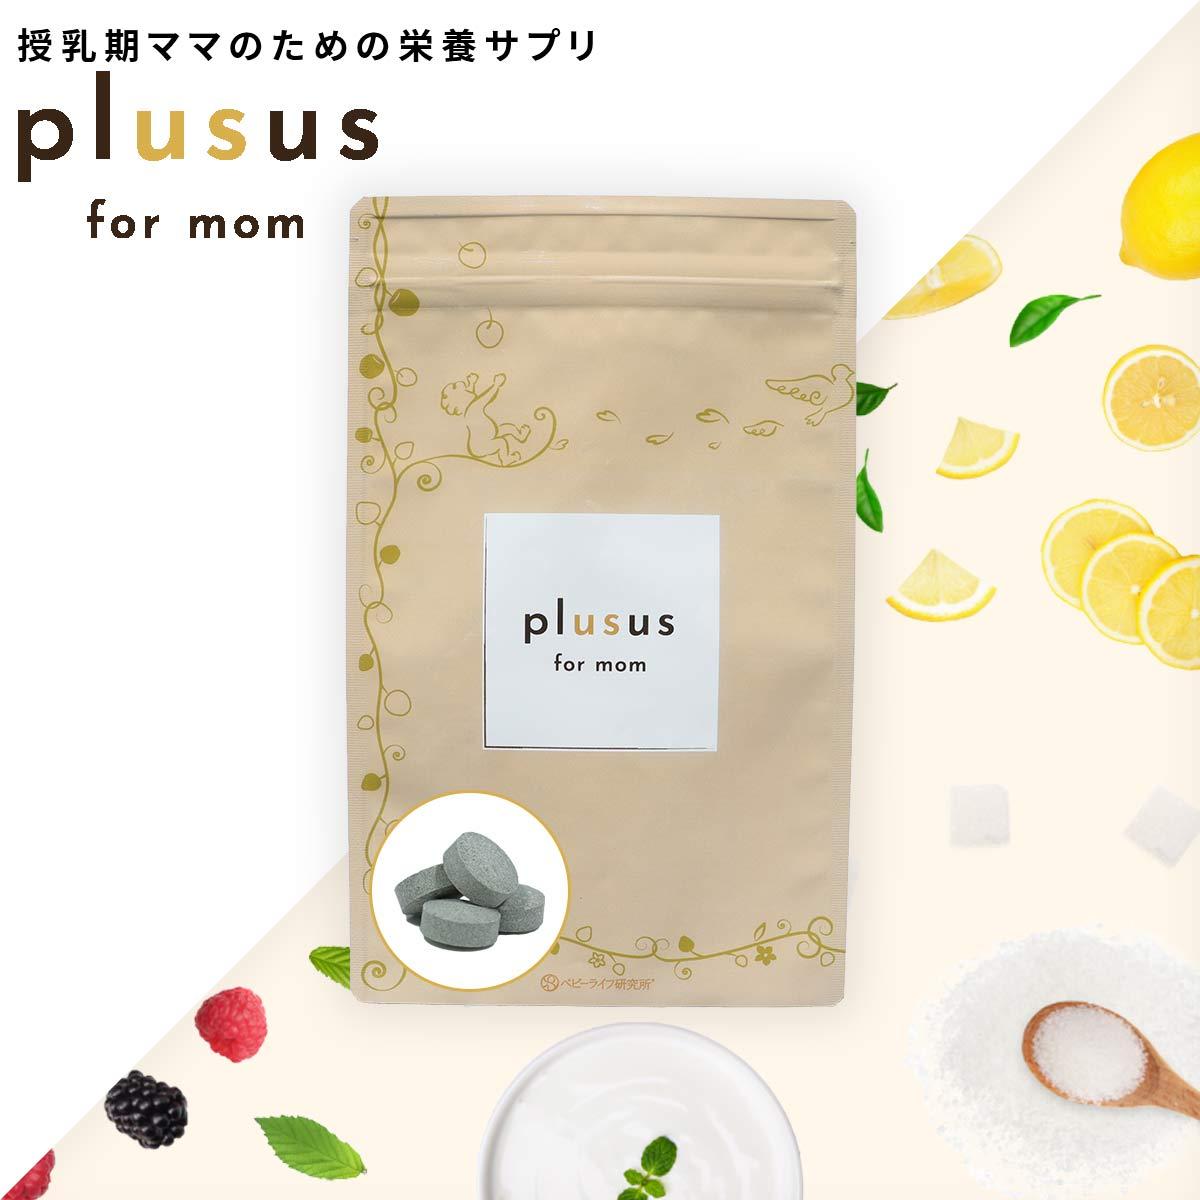 おだやかなプレママ期を過ごすためにおなかの大切な赤ちゃんに届けるプレママ専用サプリplusus for mom